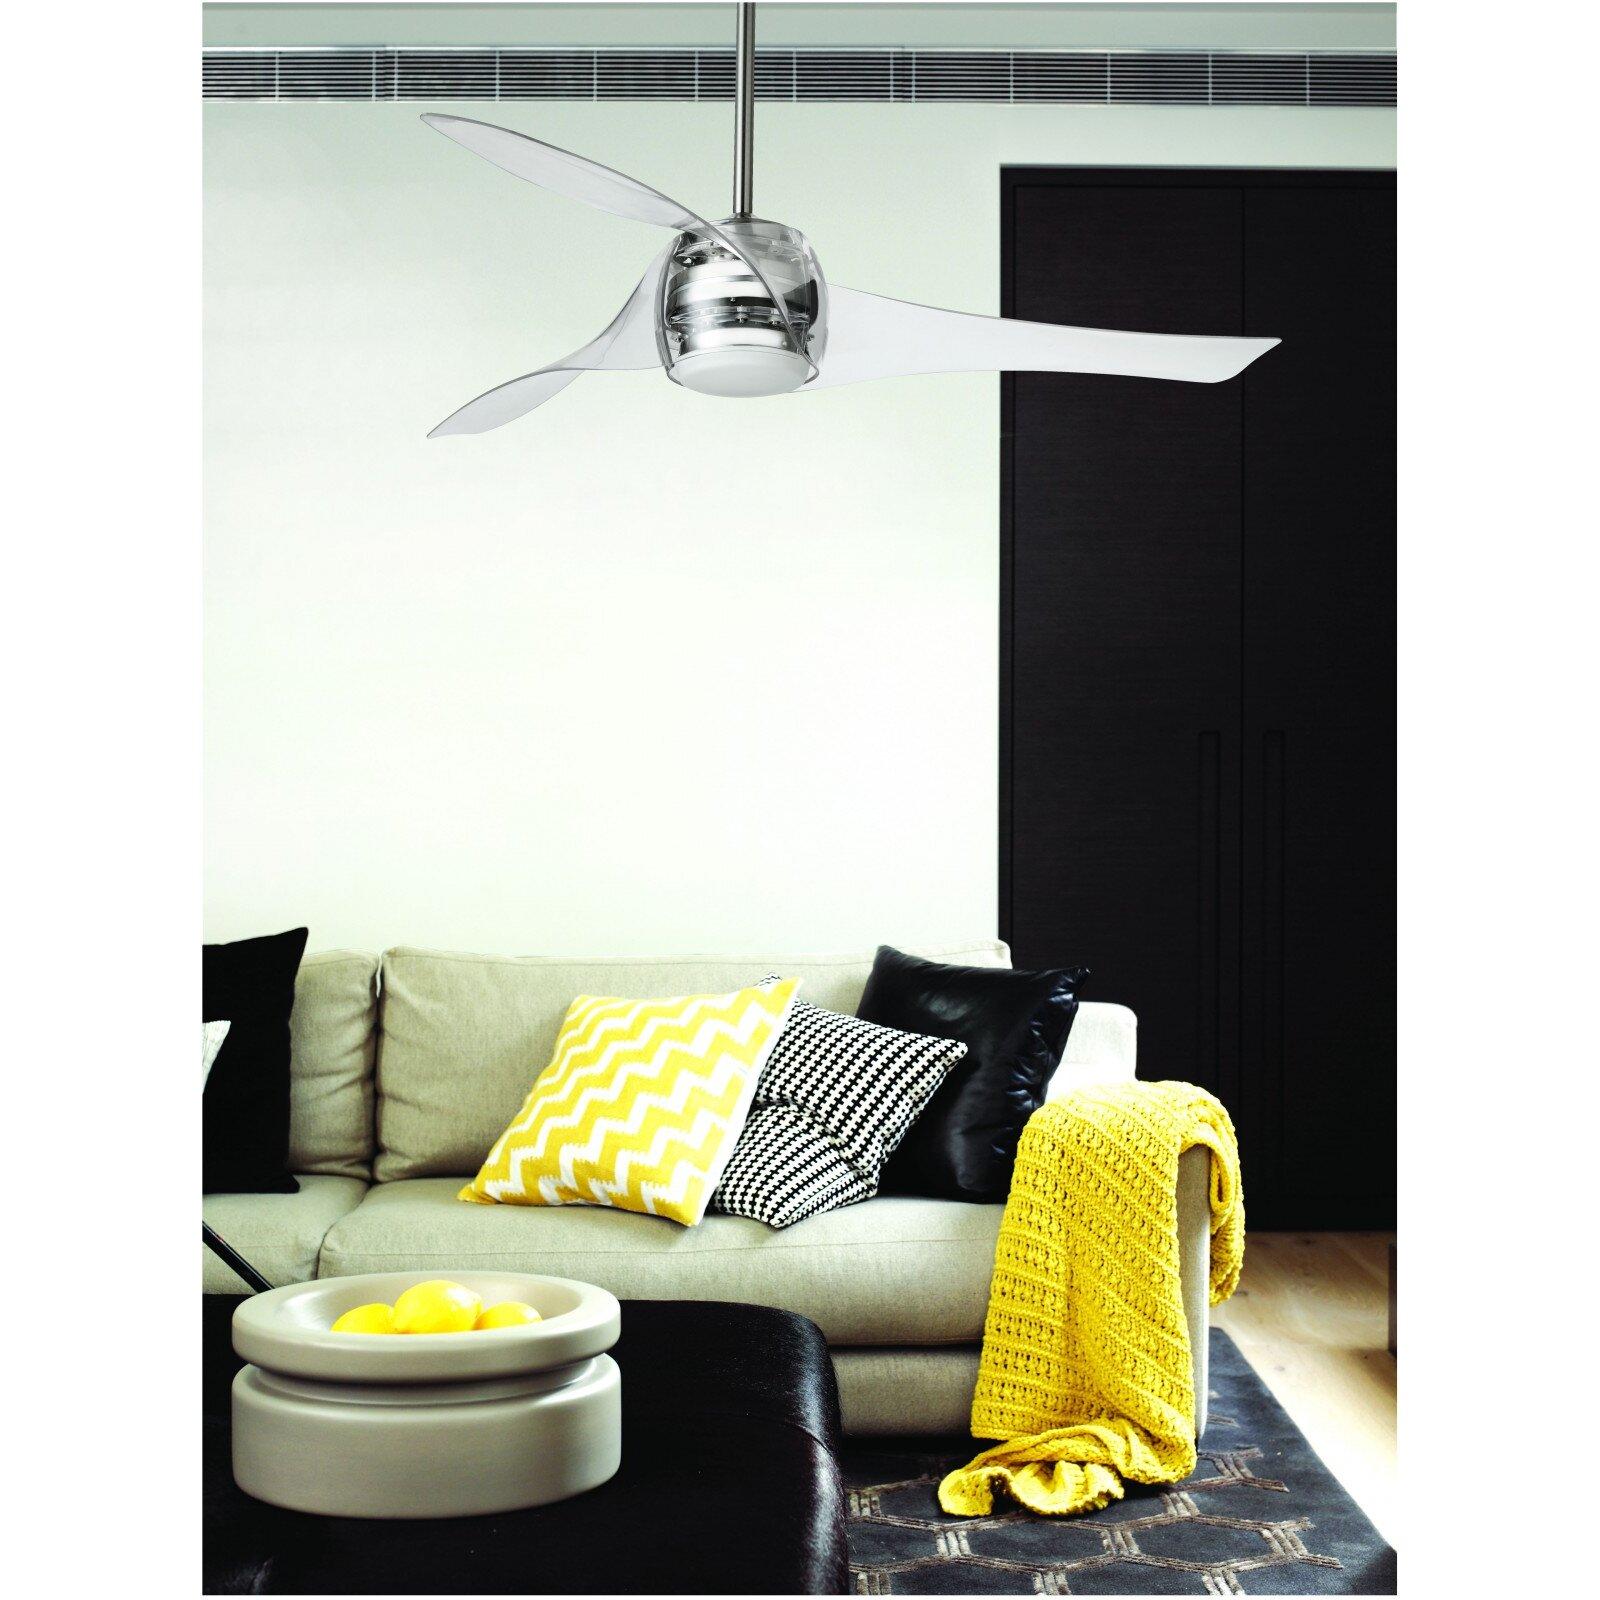 minka aire deckenventilator artemis mit fernbedienung. Black Bedroom Furniture Sets. Home Design Ideas